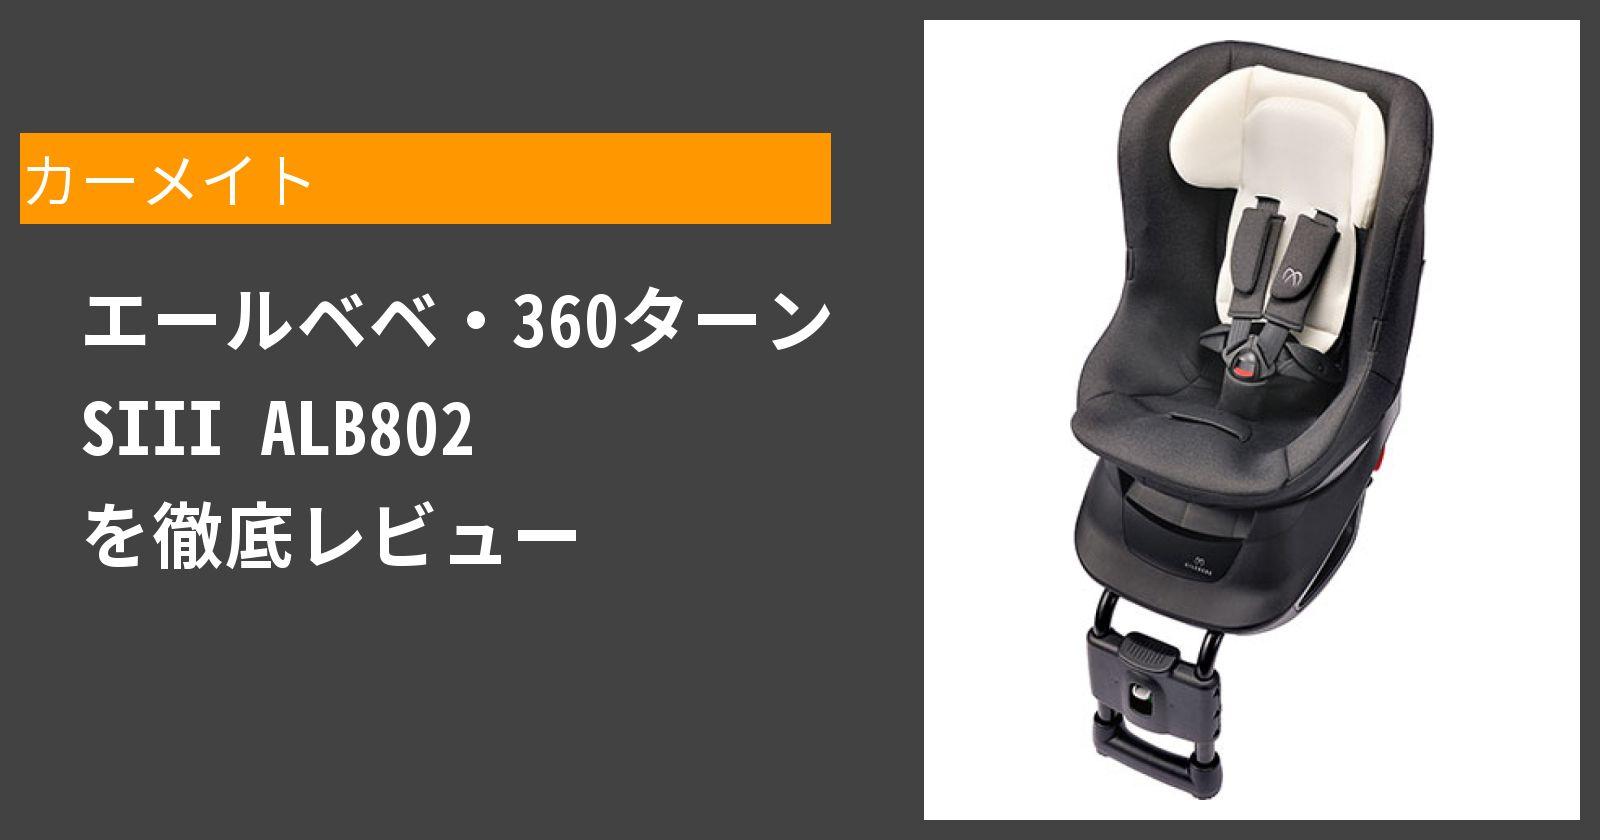 エールベベ・360ターン SIII ALB802を徹底評価